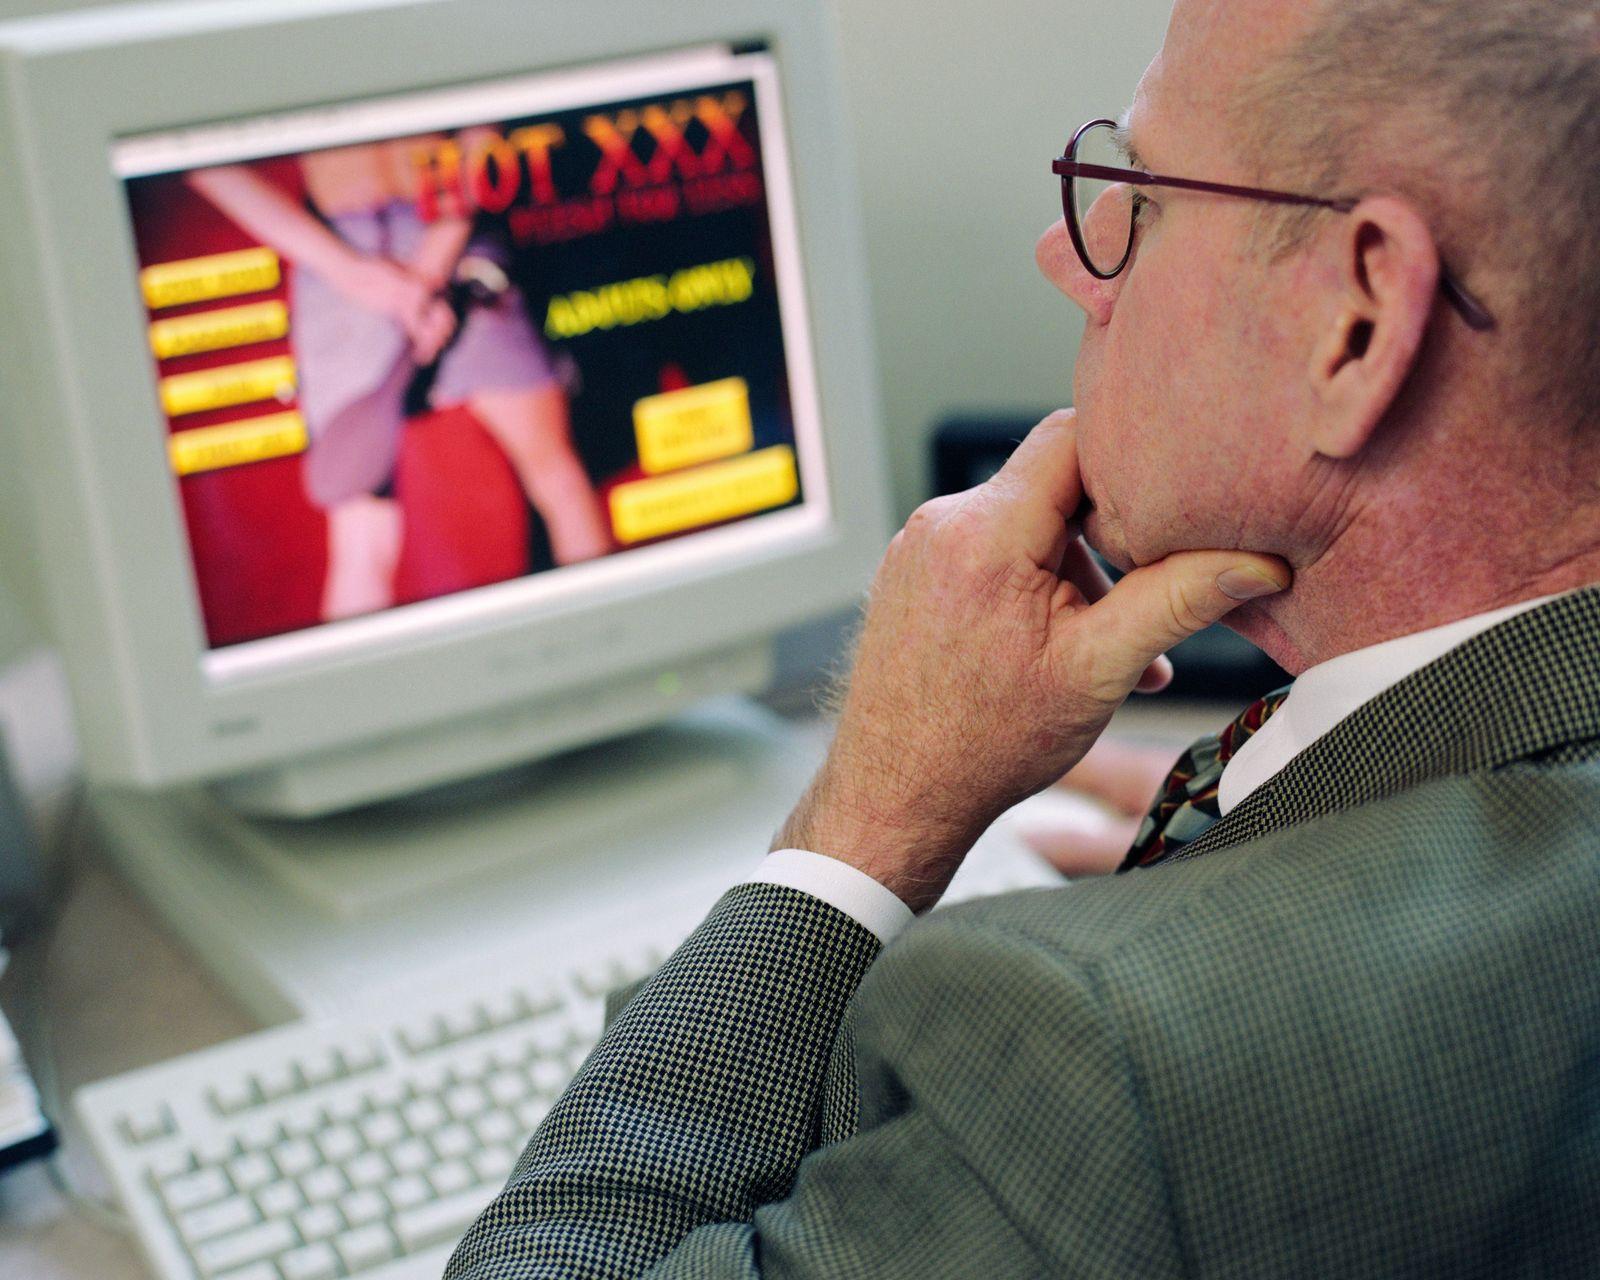 NICHT MEHR VERWENDEN! - Porno / Computer / Arbeit